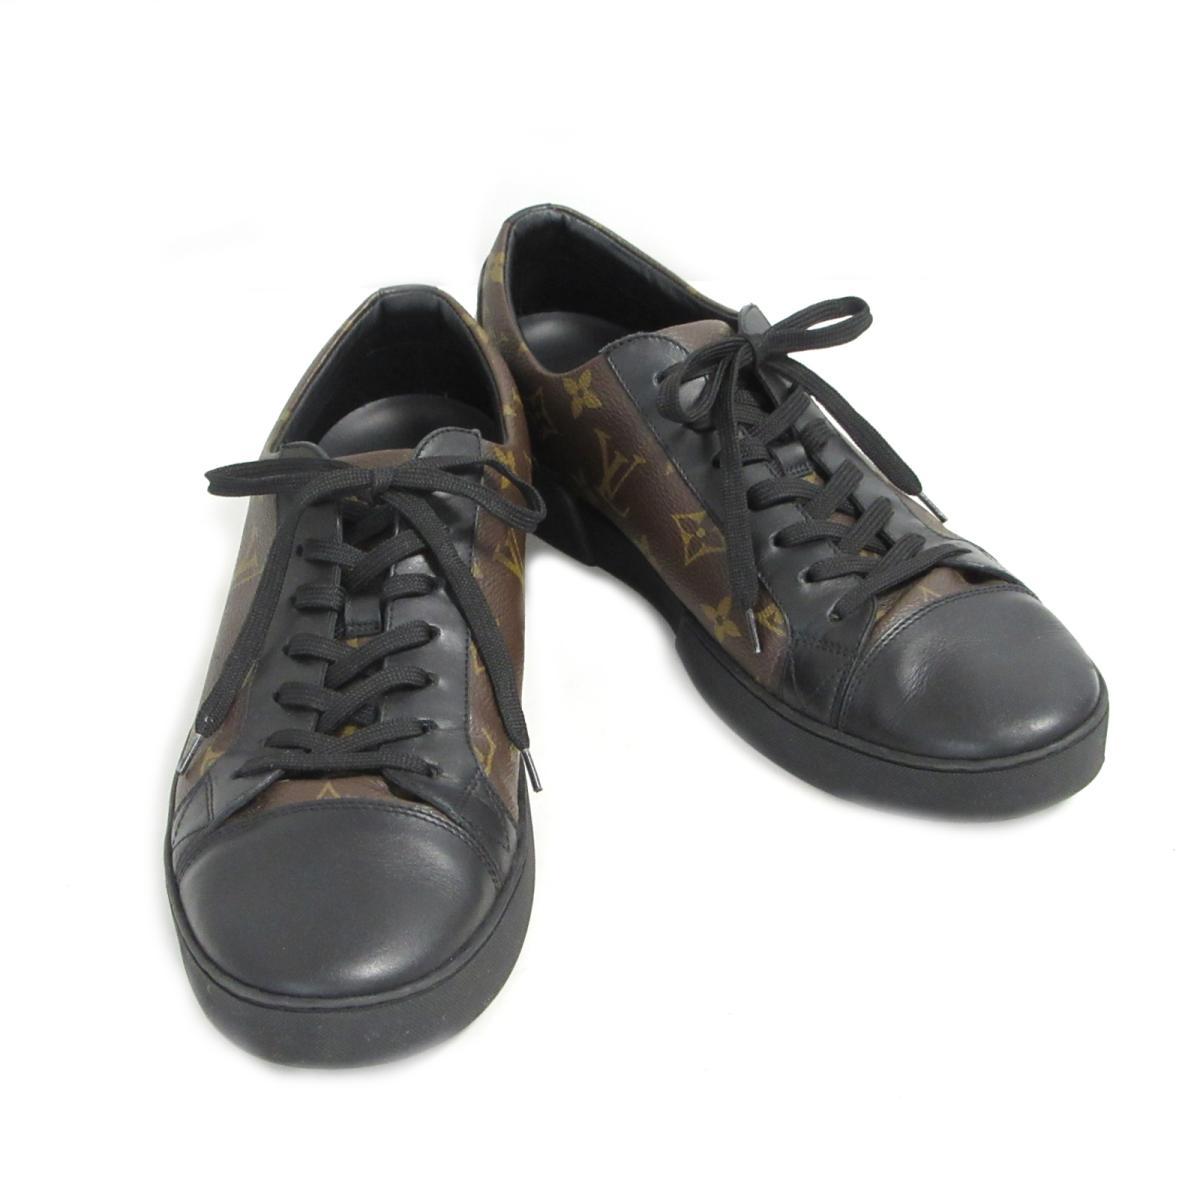 【中古】 ルイヴィトン マッチアップ・ライン スニーカー メンズ モノグラム ブラウン x ブラック (1A2 C3) | LOUIS VUITTON BRANDOFF ブランドオフ ヴィトン ビトン ルイ・ヴィトン ブランド 靴 シューズ クツ